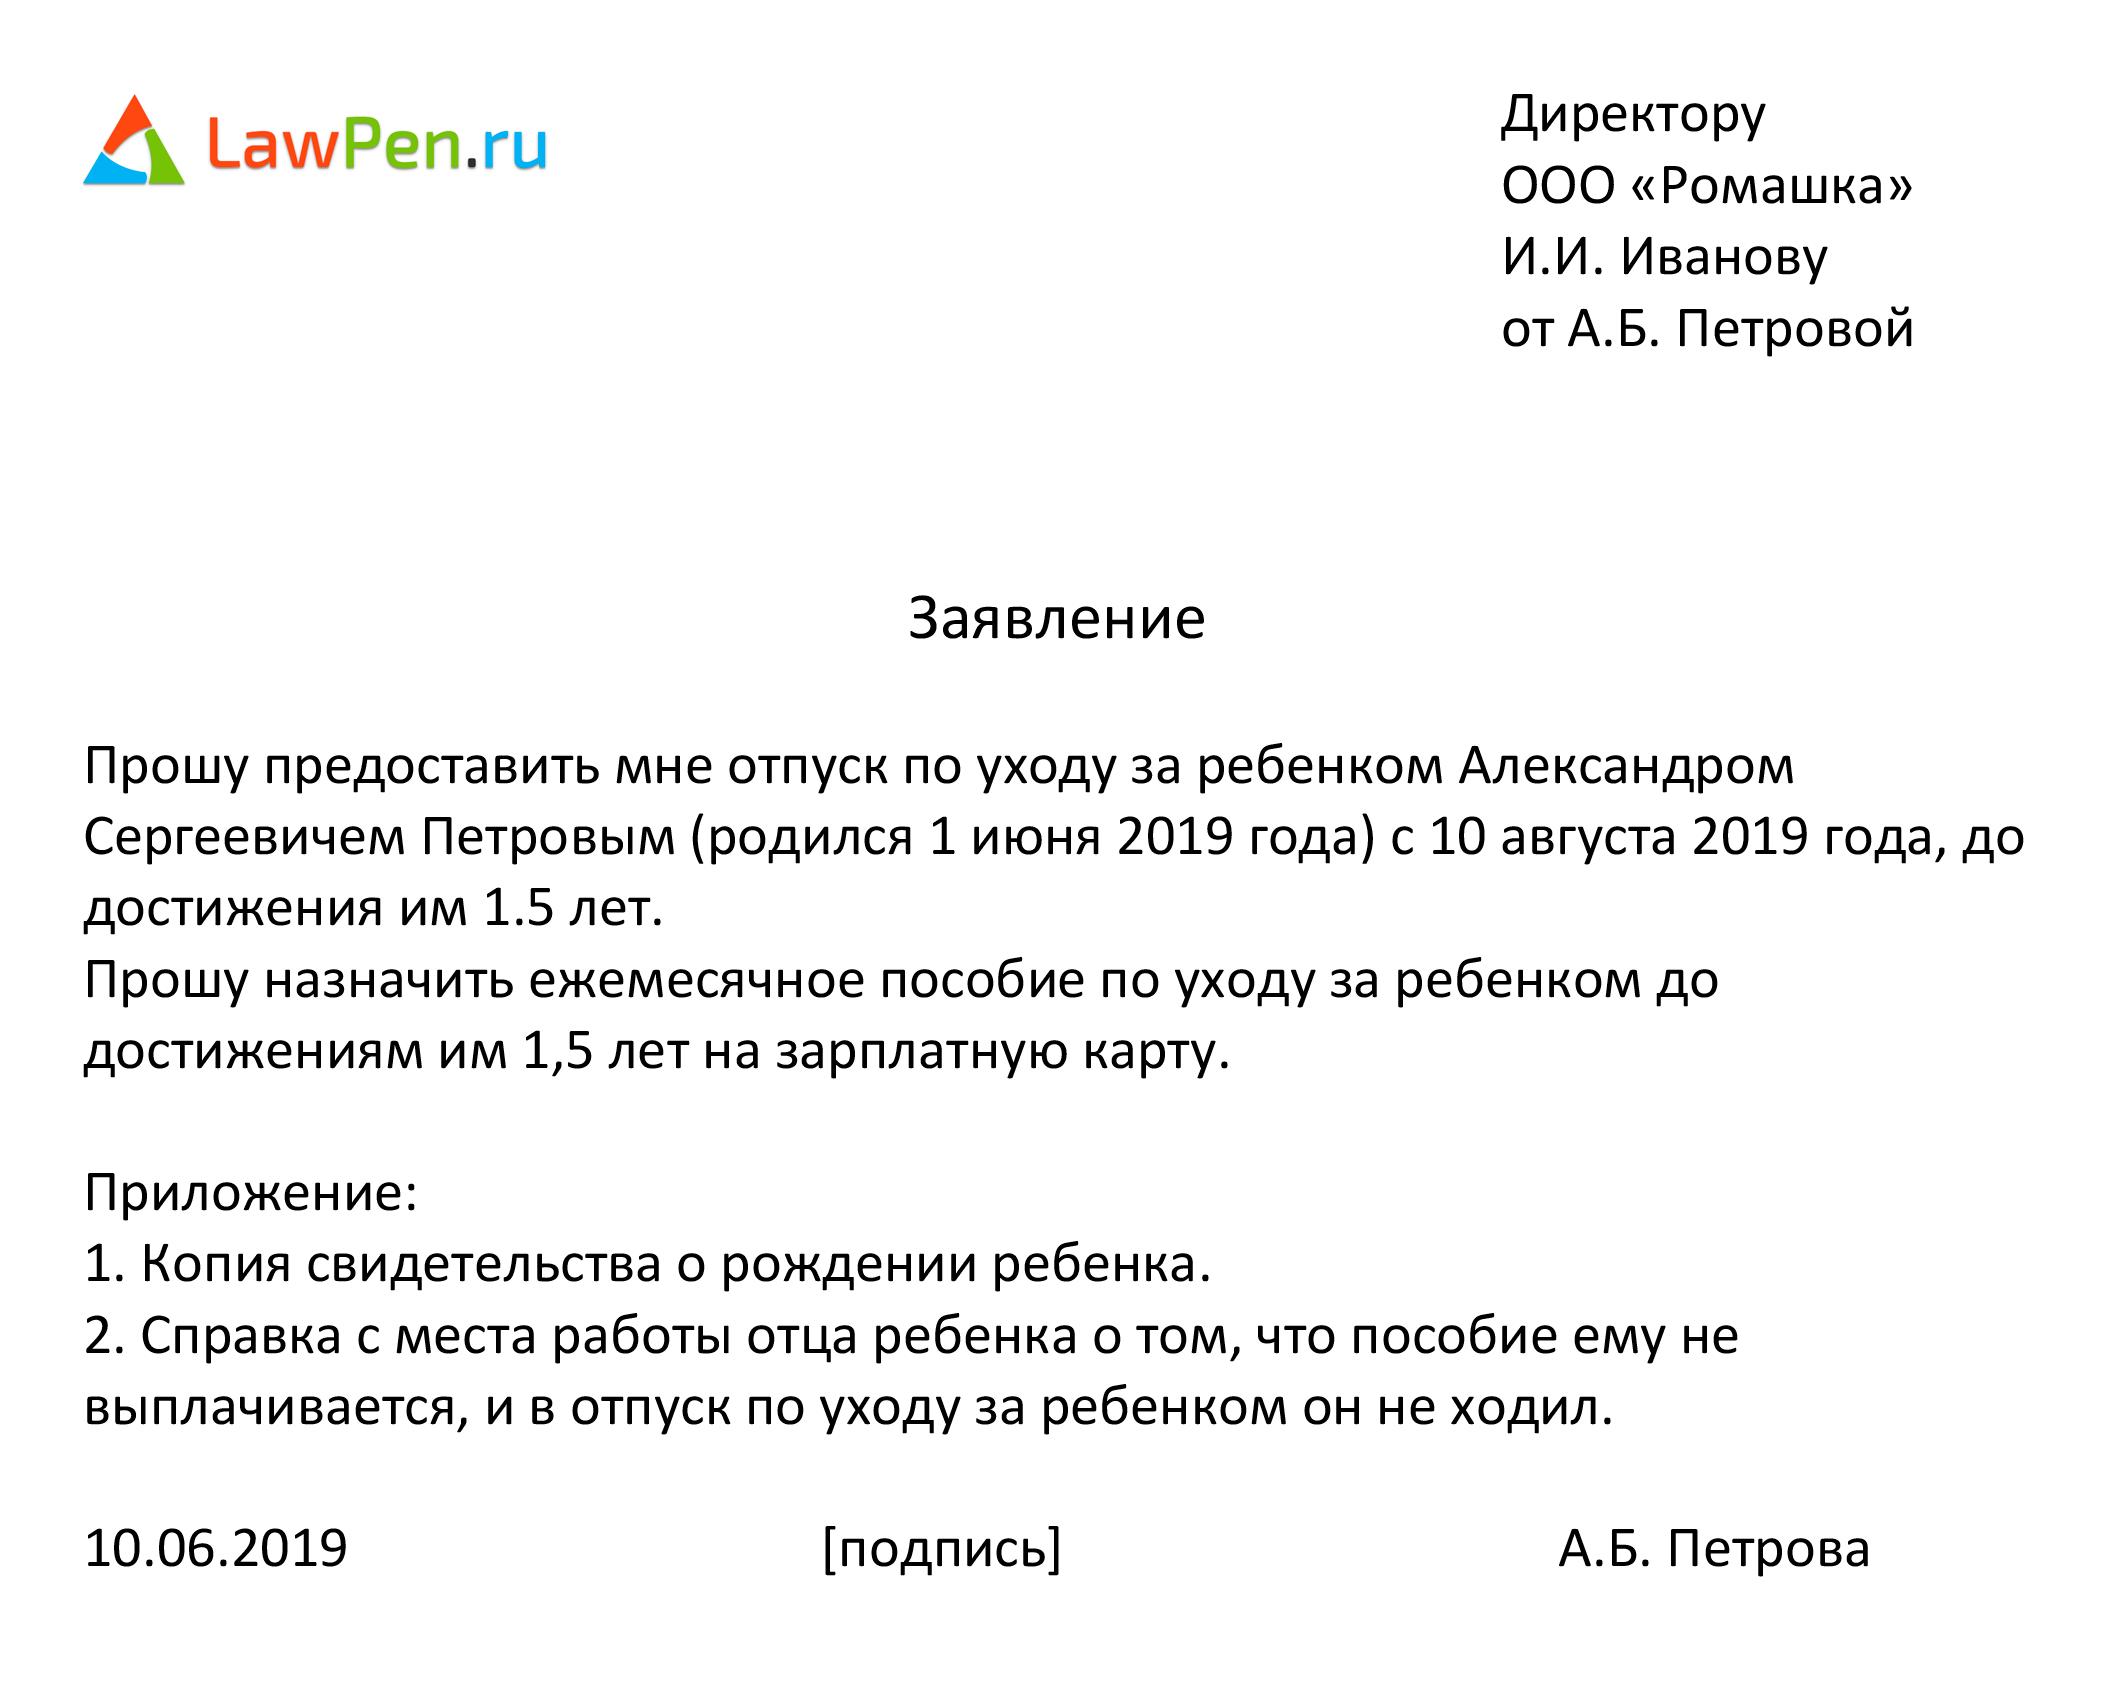 ezhemesyachnoe-posobie-po-uhodu-za-rebyonkom-do-15-let-2